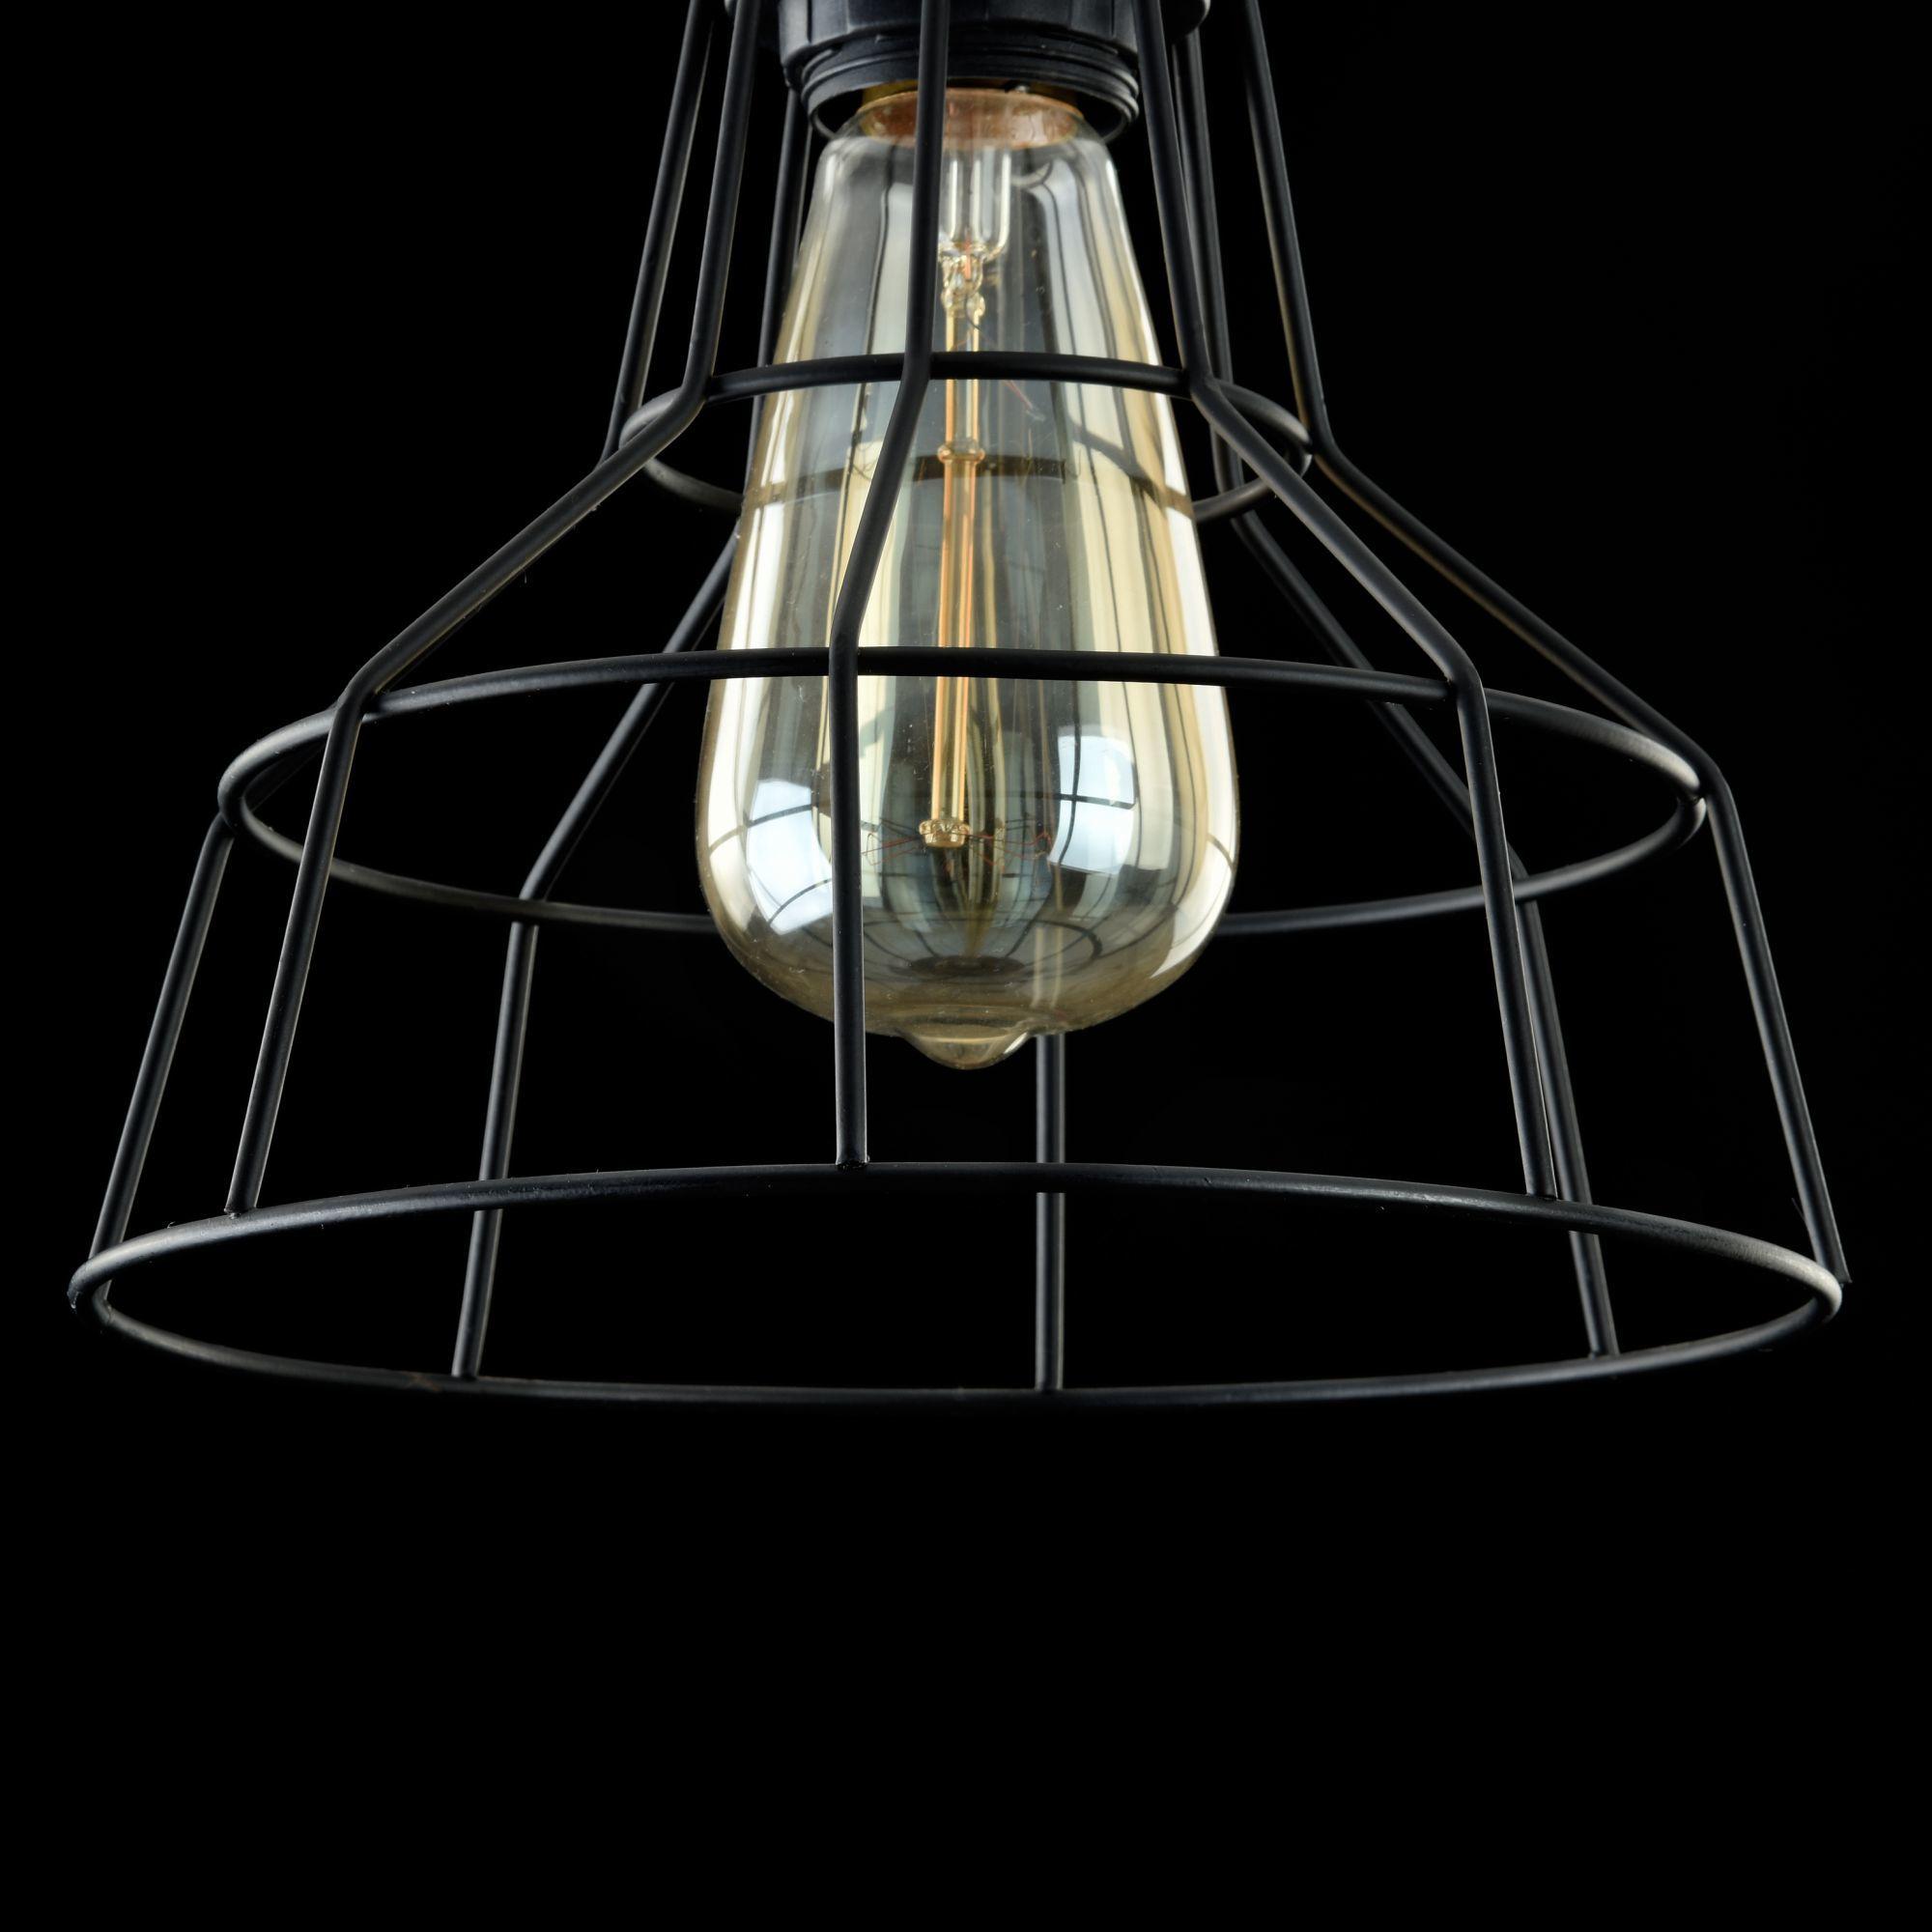 Подвесной светильник Maytoni Loft Denver T448-PL-01-B, 1xE27x60W, черный, металл - фото 6